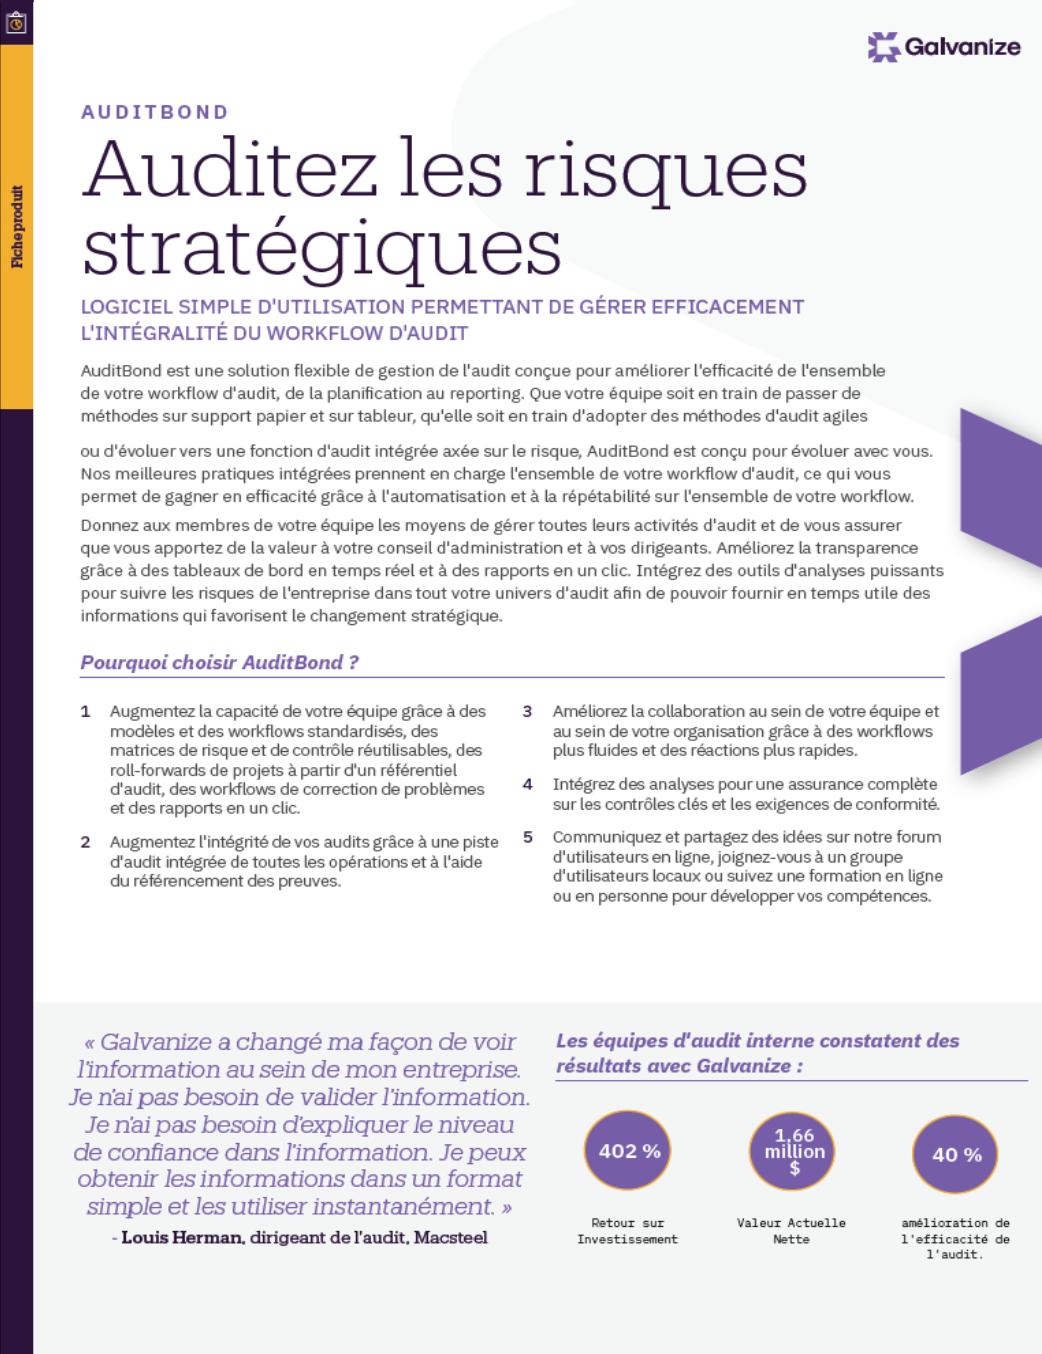 Auditez les risques stratégiques